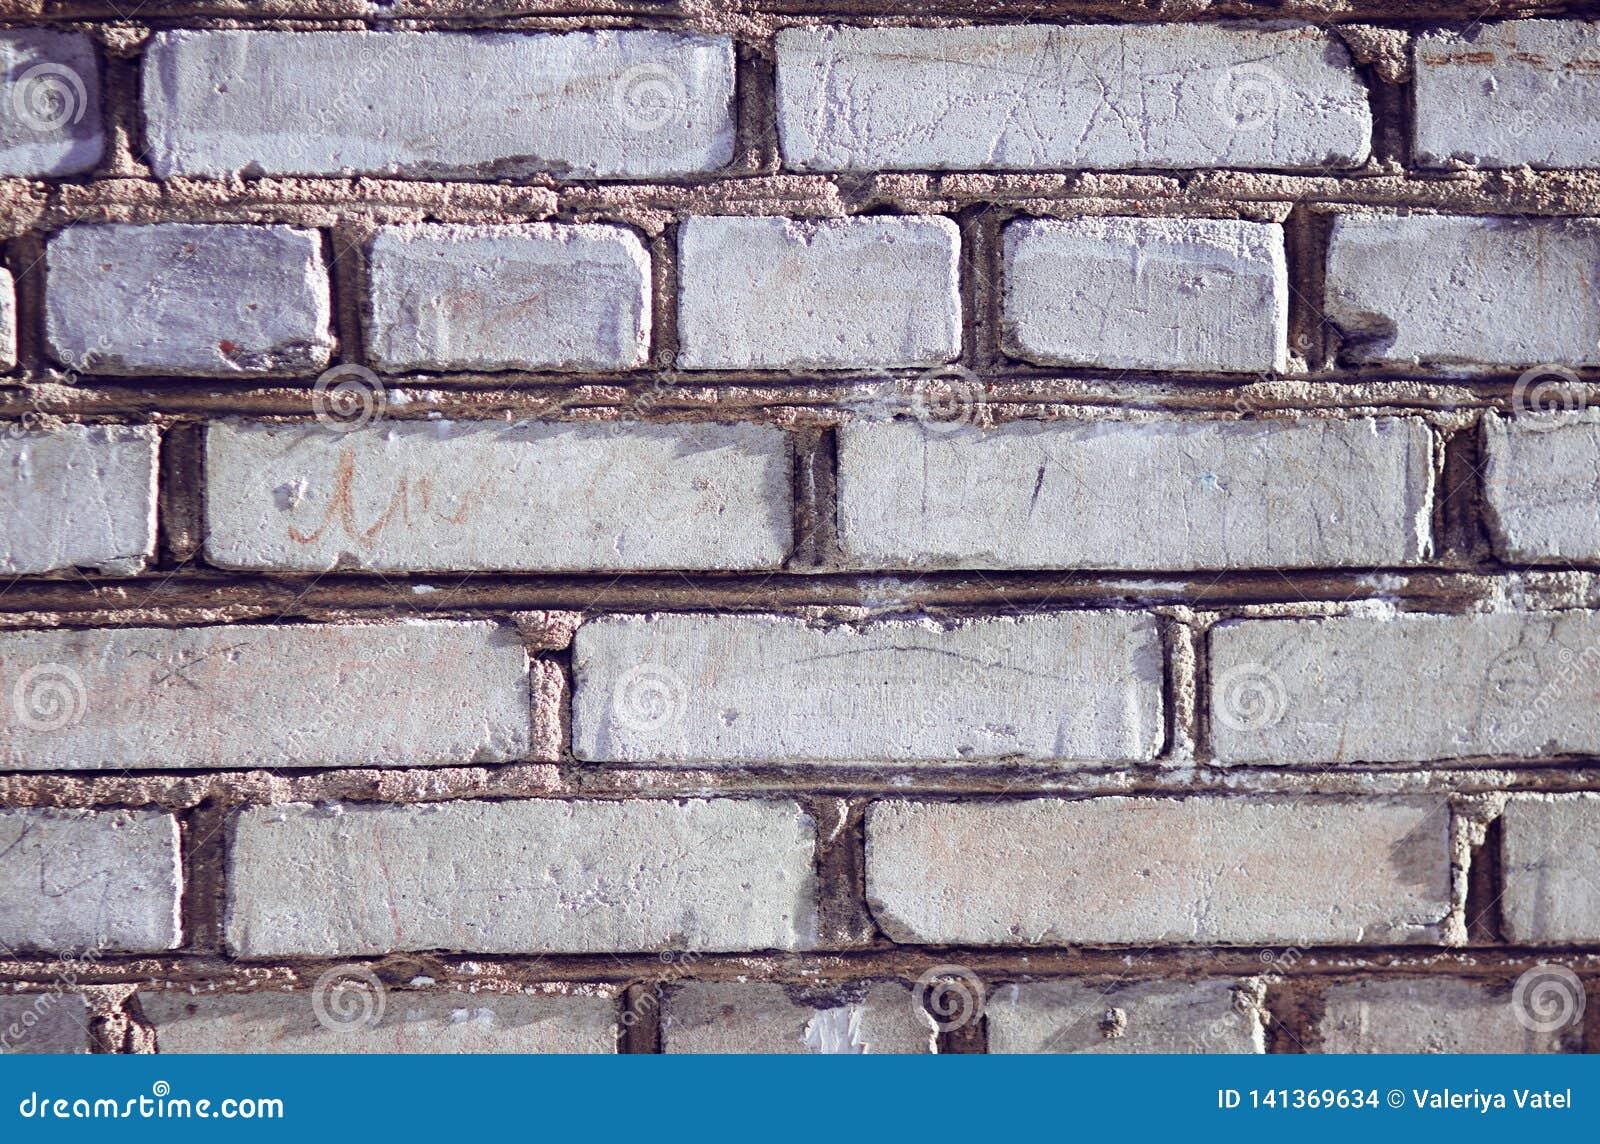 Die graue Wand des Gebäudes, errichtet von den rauen ungleichen Ziegelsteinen